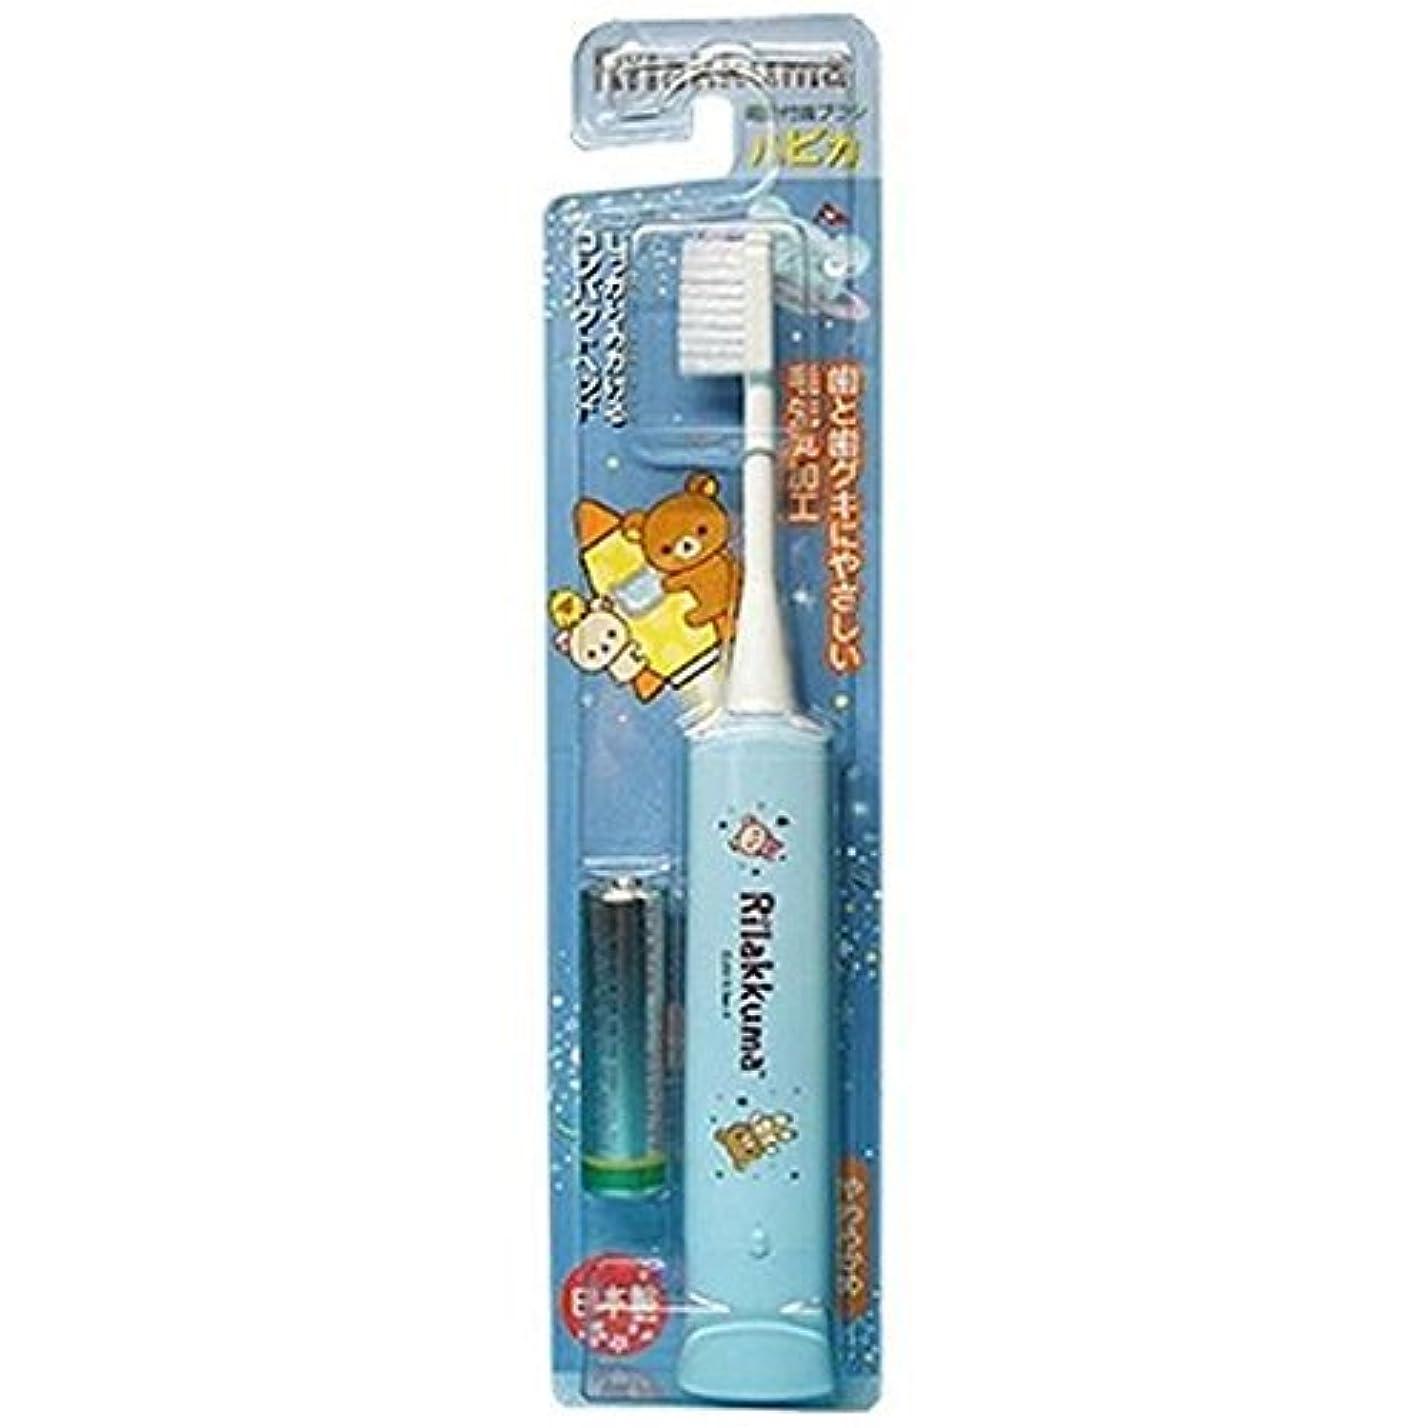 軽勝利したソケットミニマム 電動付歯ブラシ リラックマハピカ ブルー 毛の硬さ:やわらかめ DBM-5B(RK)